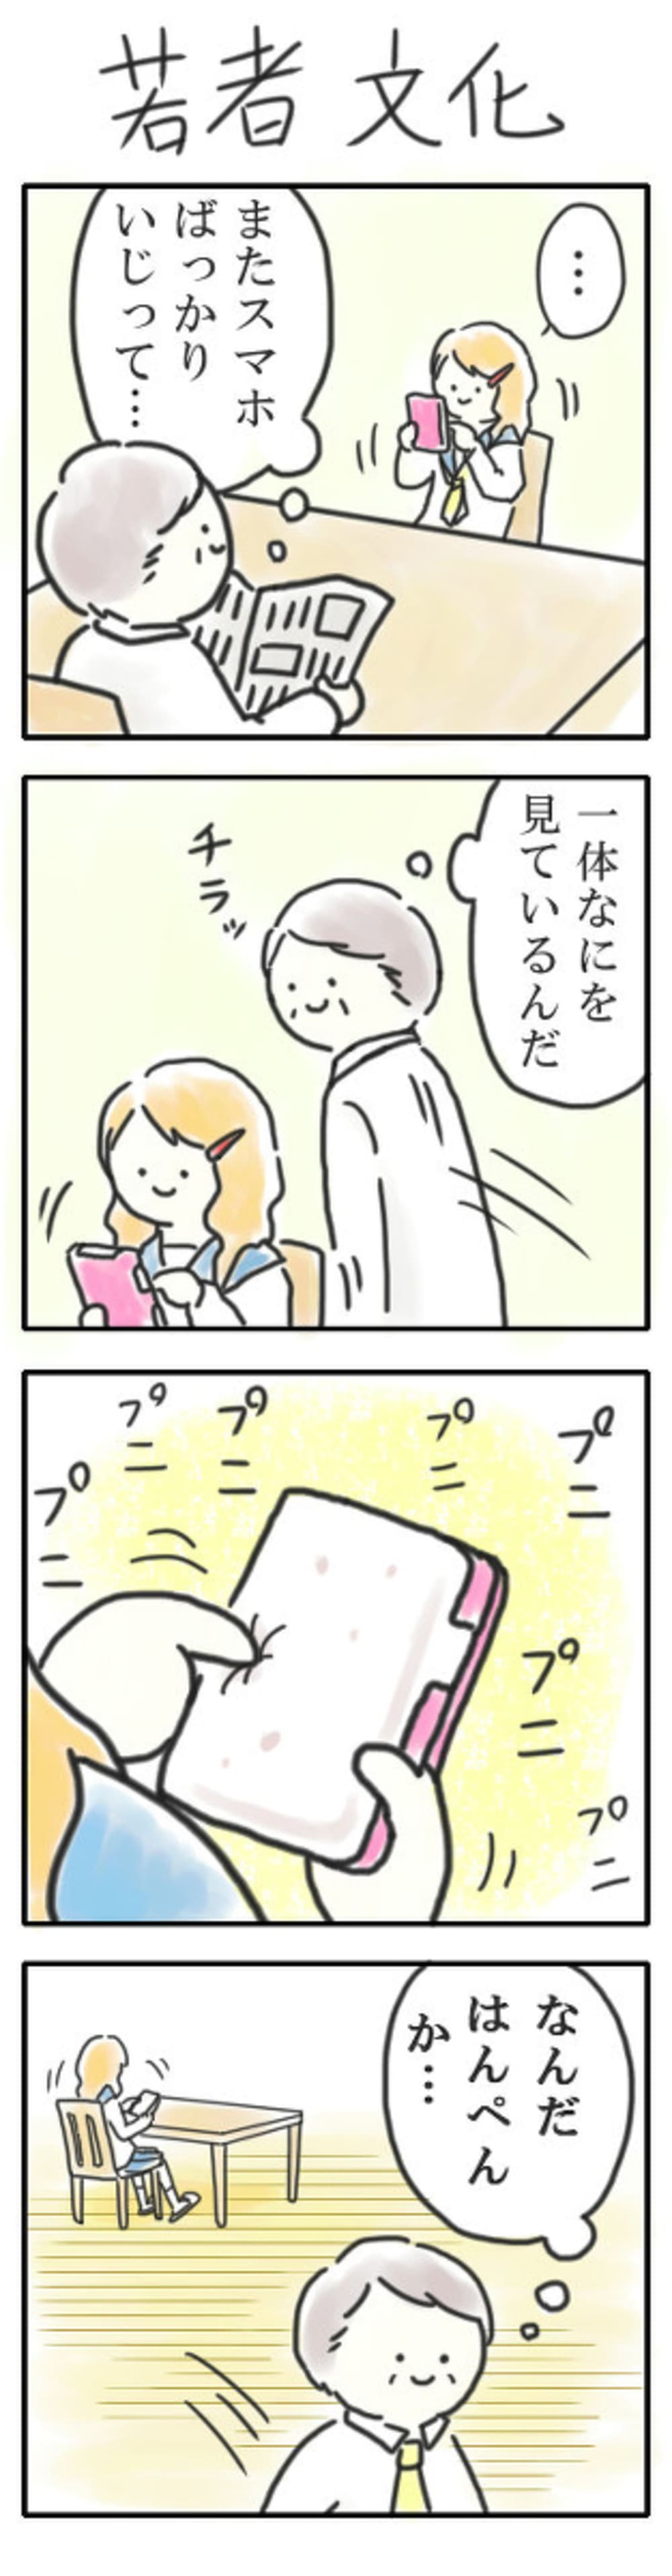 77847281_p0_master1200